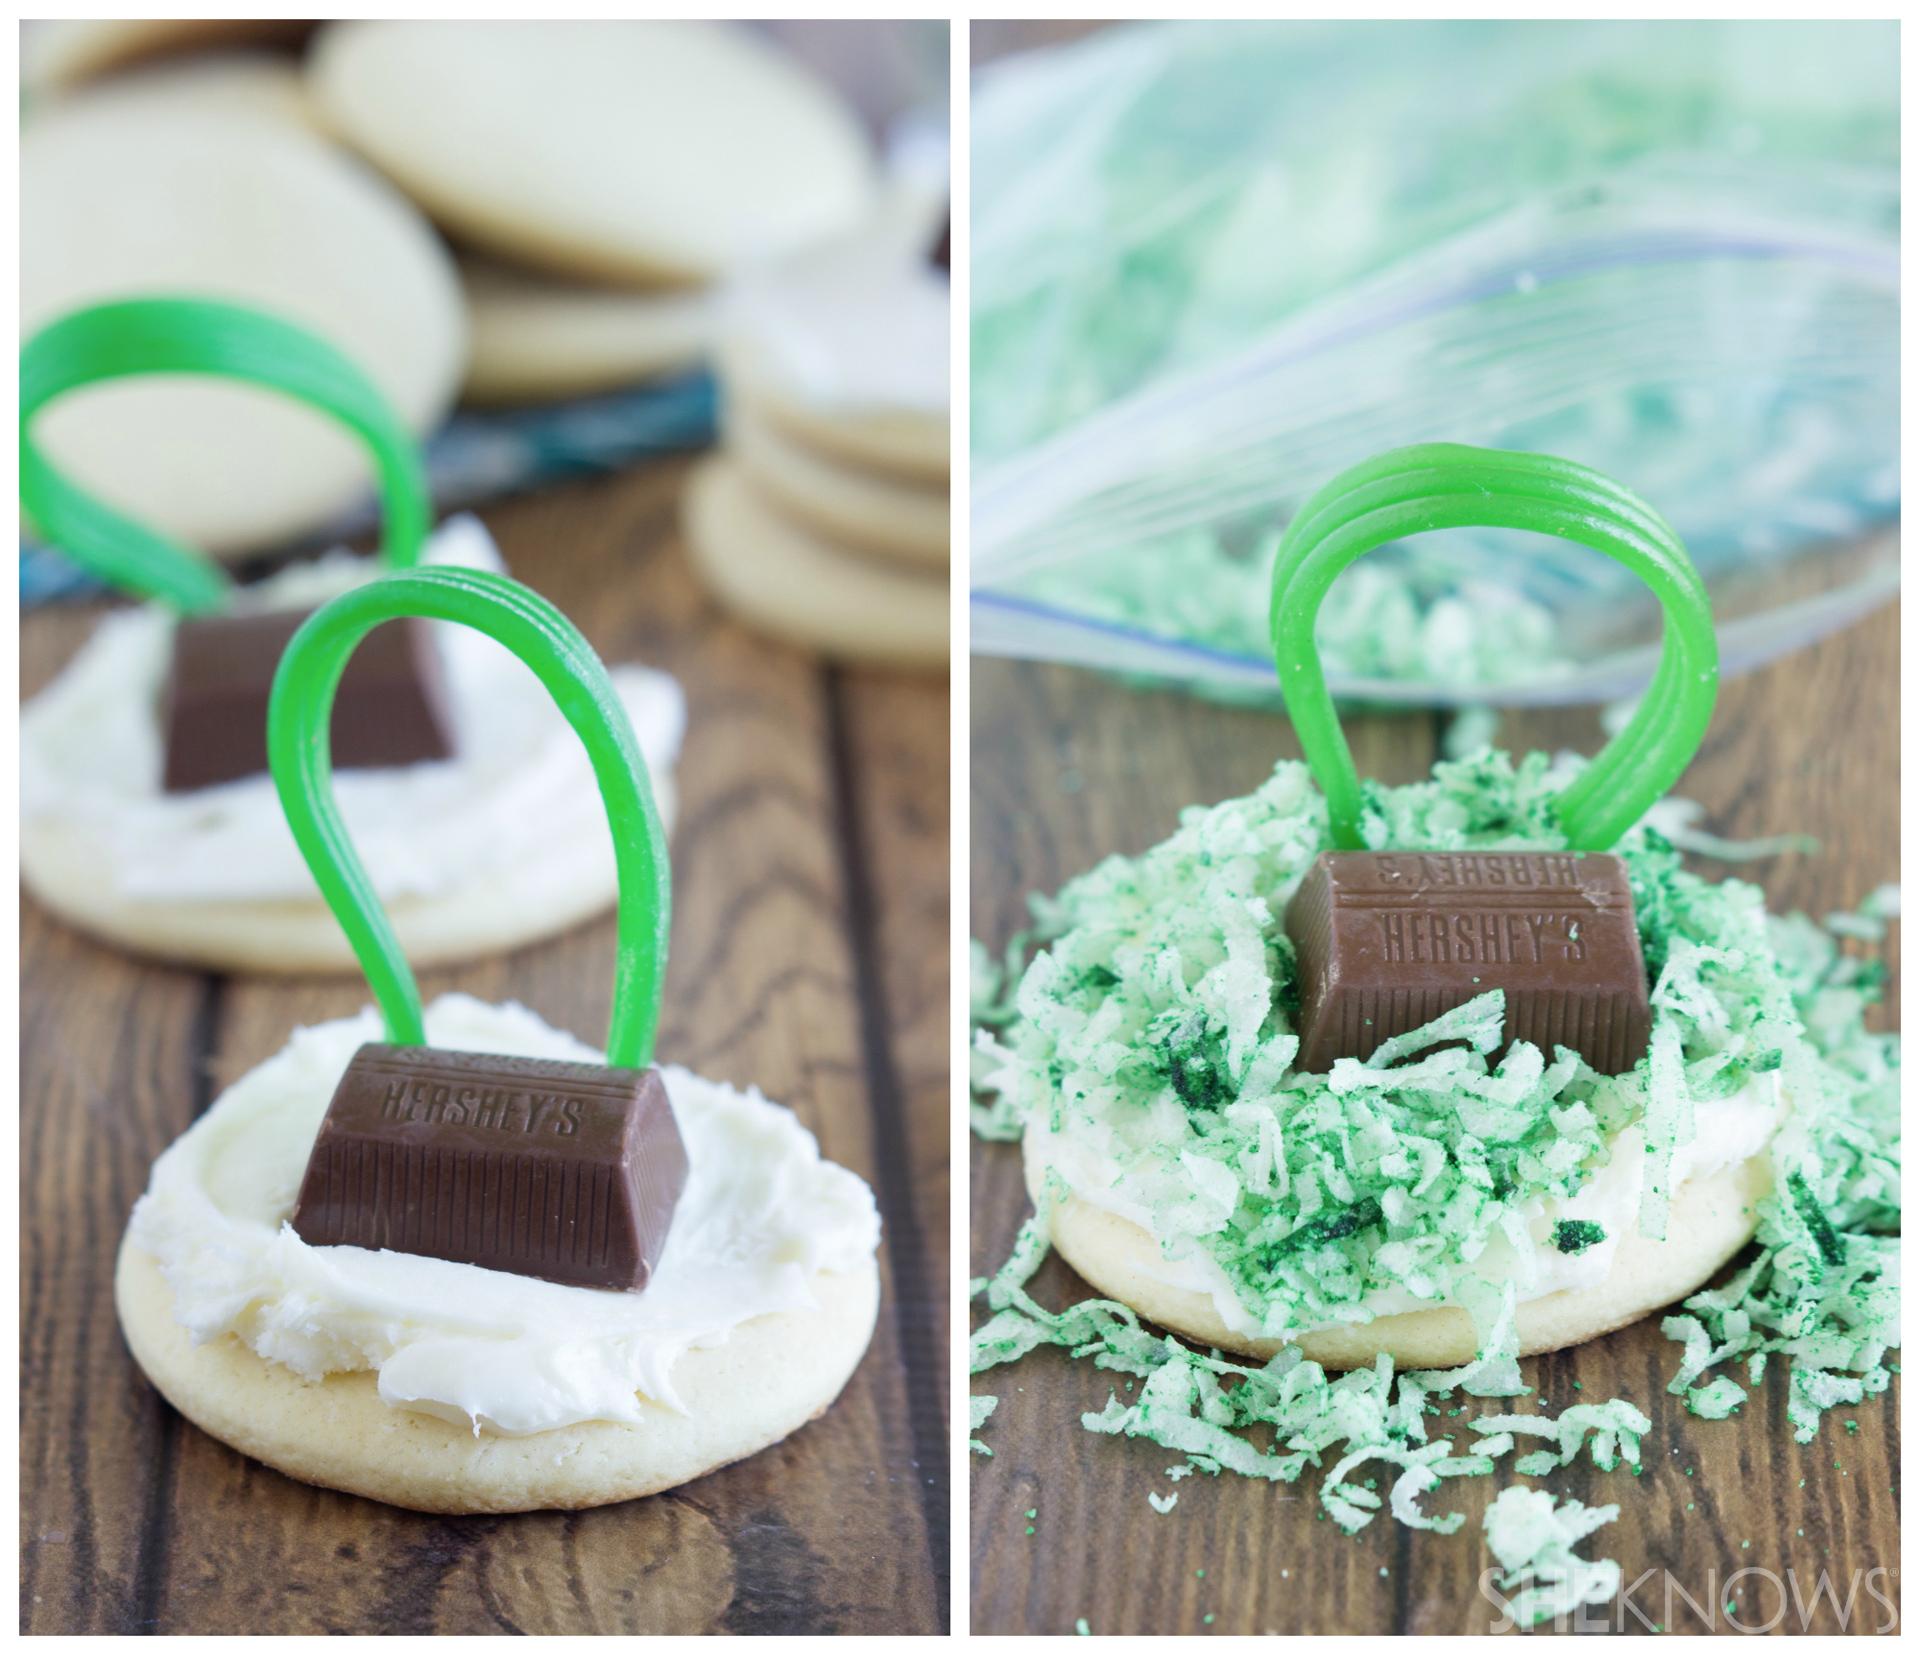 Lawn mower sugar cookies